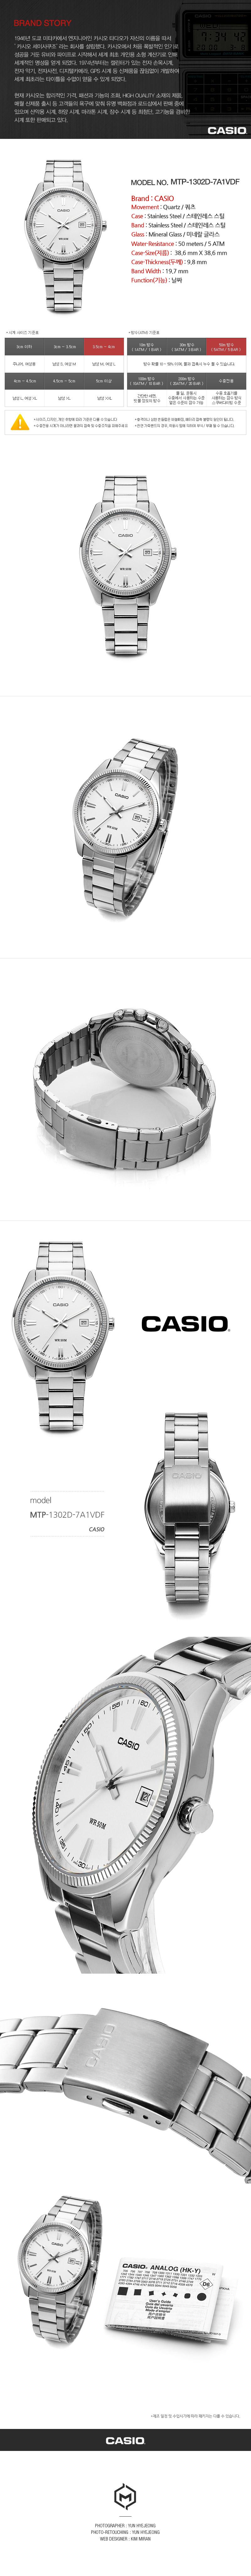 카시오 CASIO MTP-1302D-7A1VDF (MTP-1302D-7A) 아날로그 남성 메탈시계 38.6mm